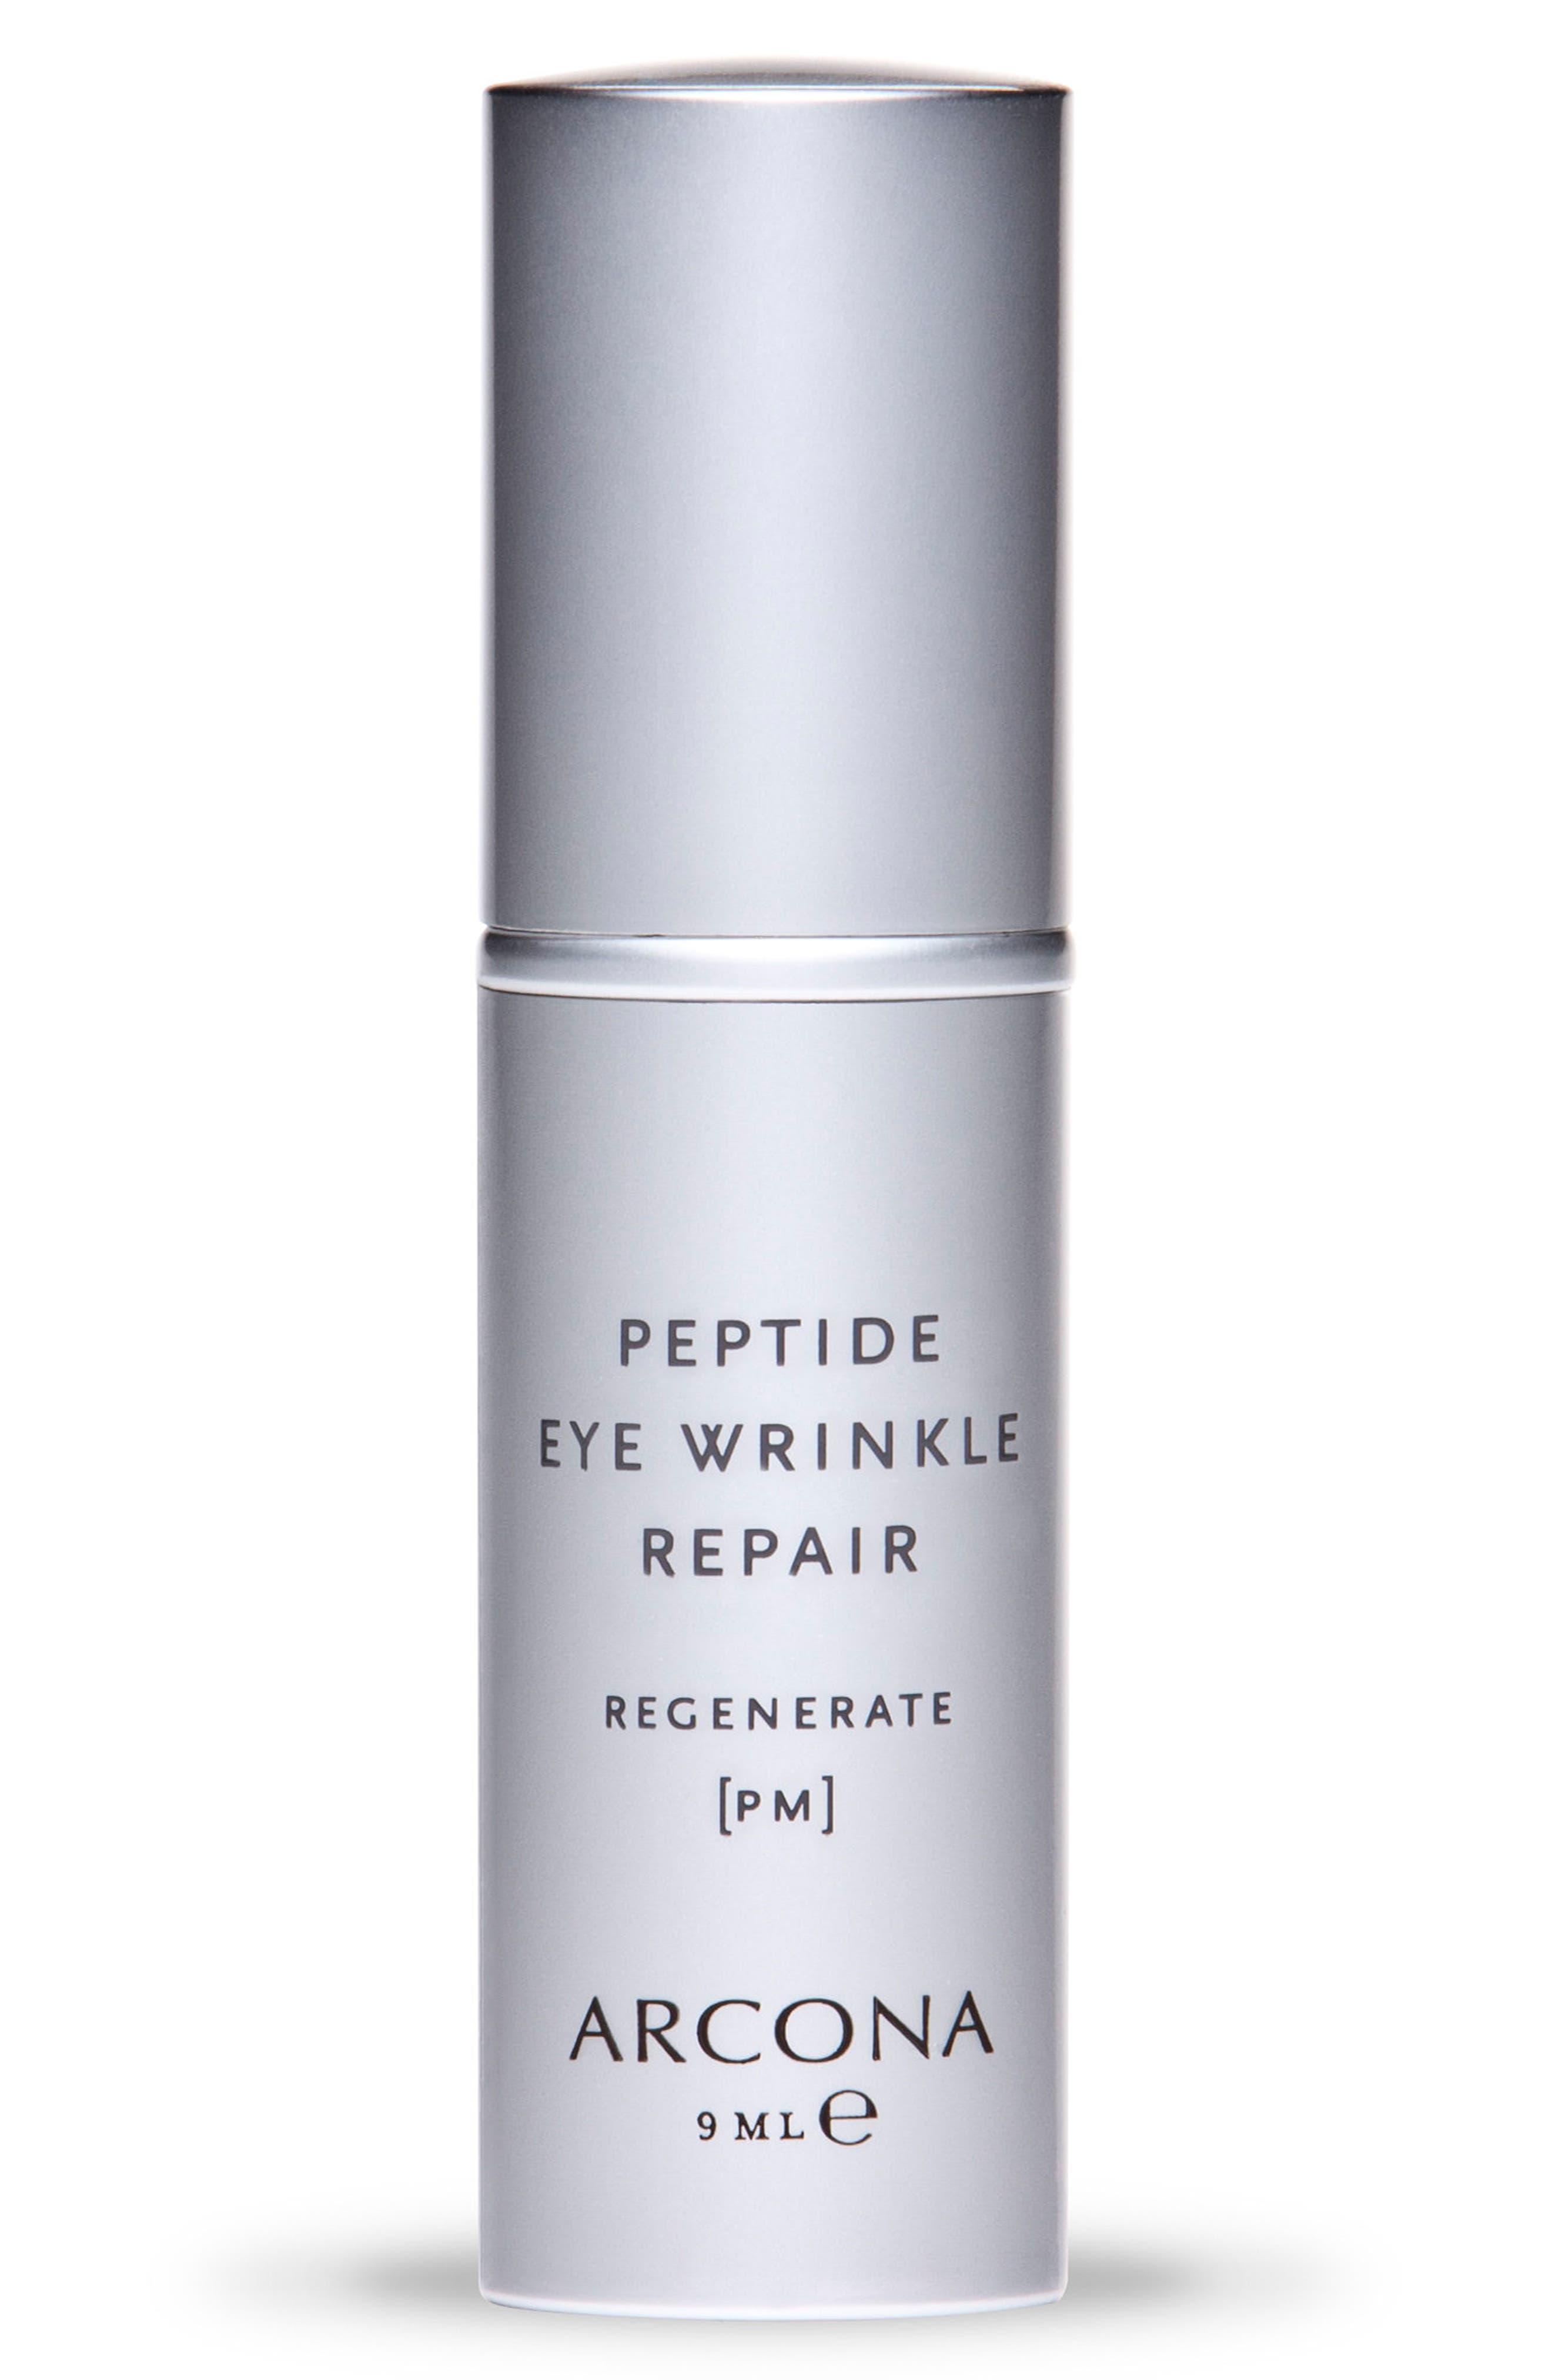 ARCONA Peptide Eye Wrinkle Repair